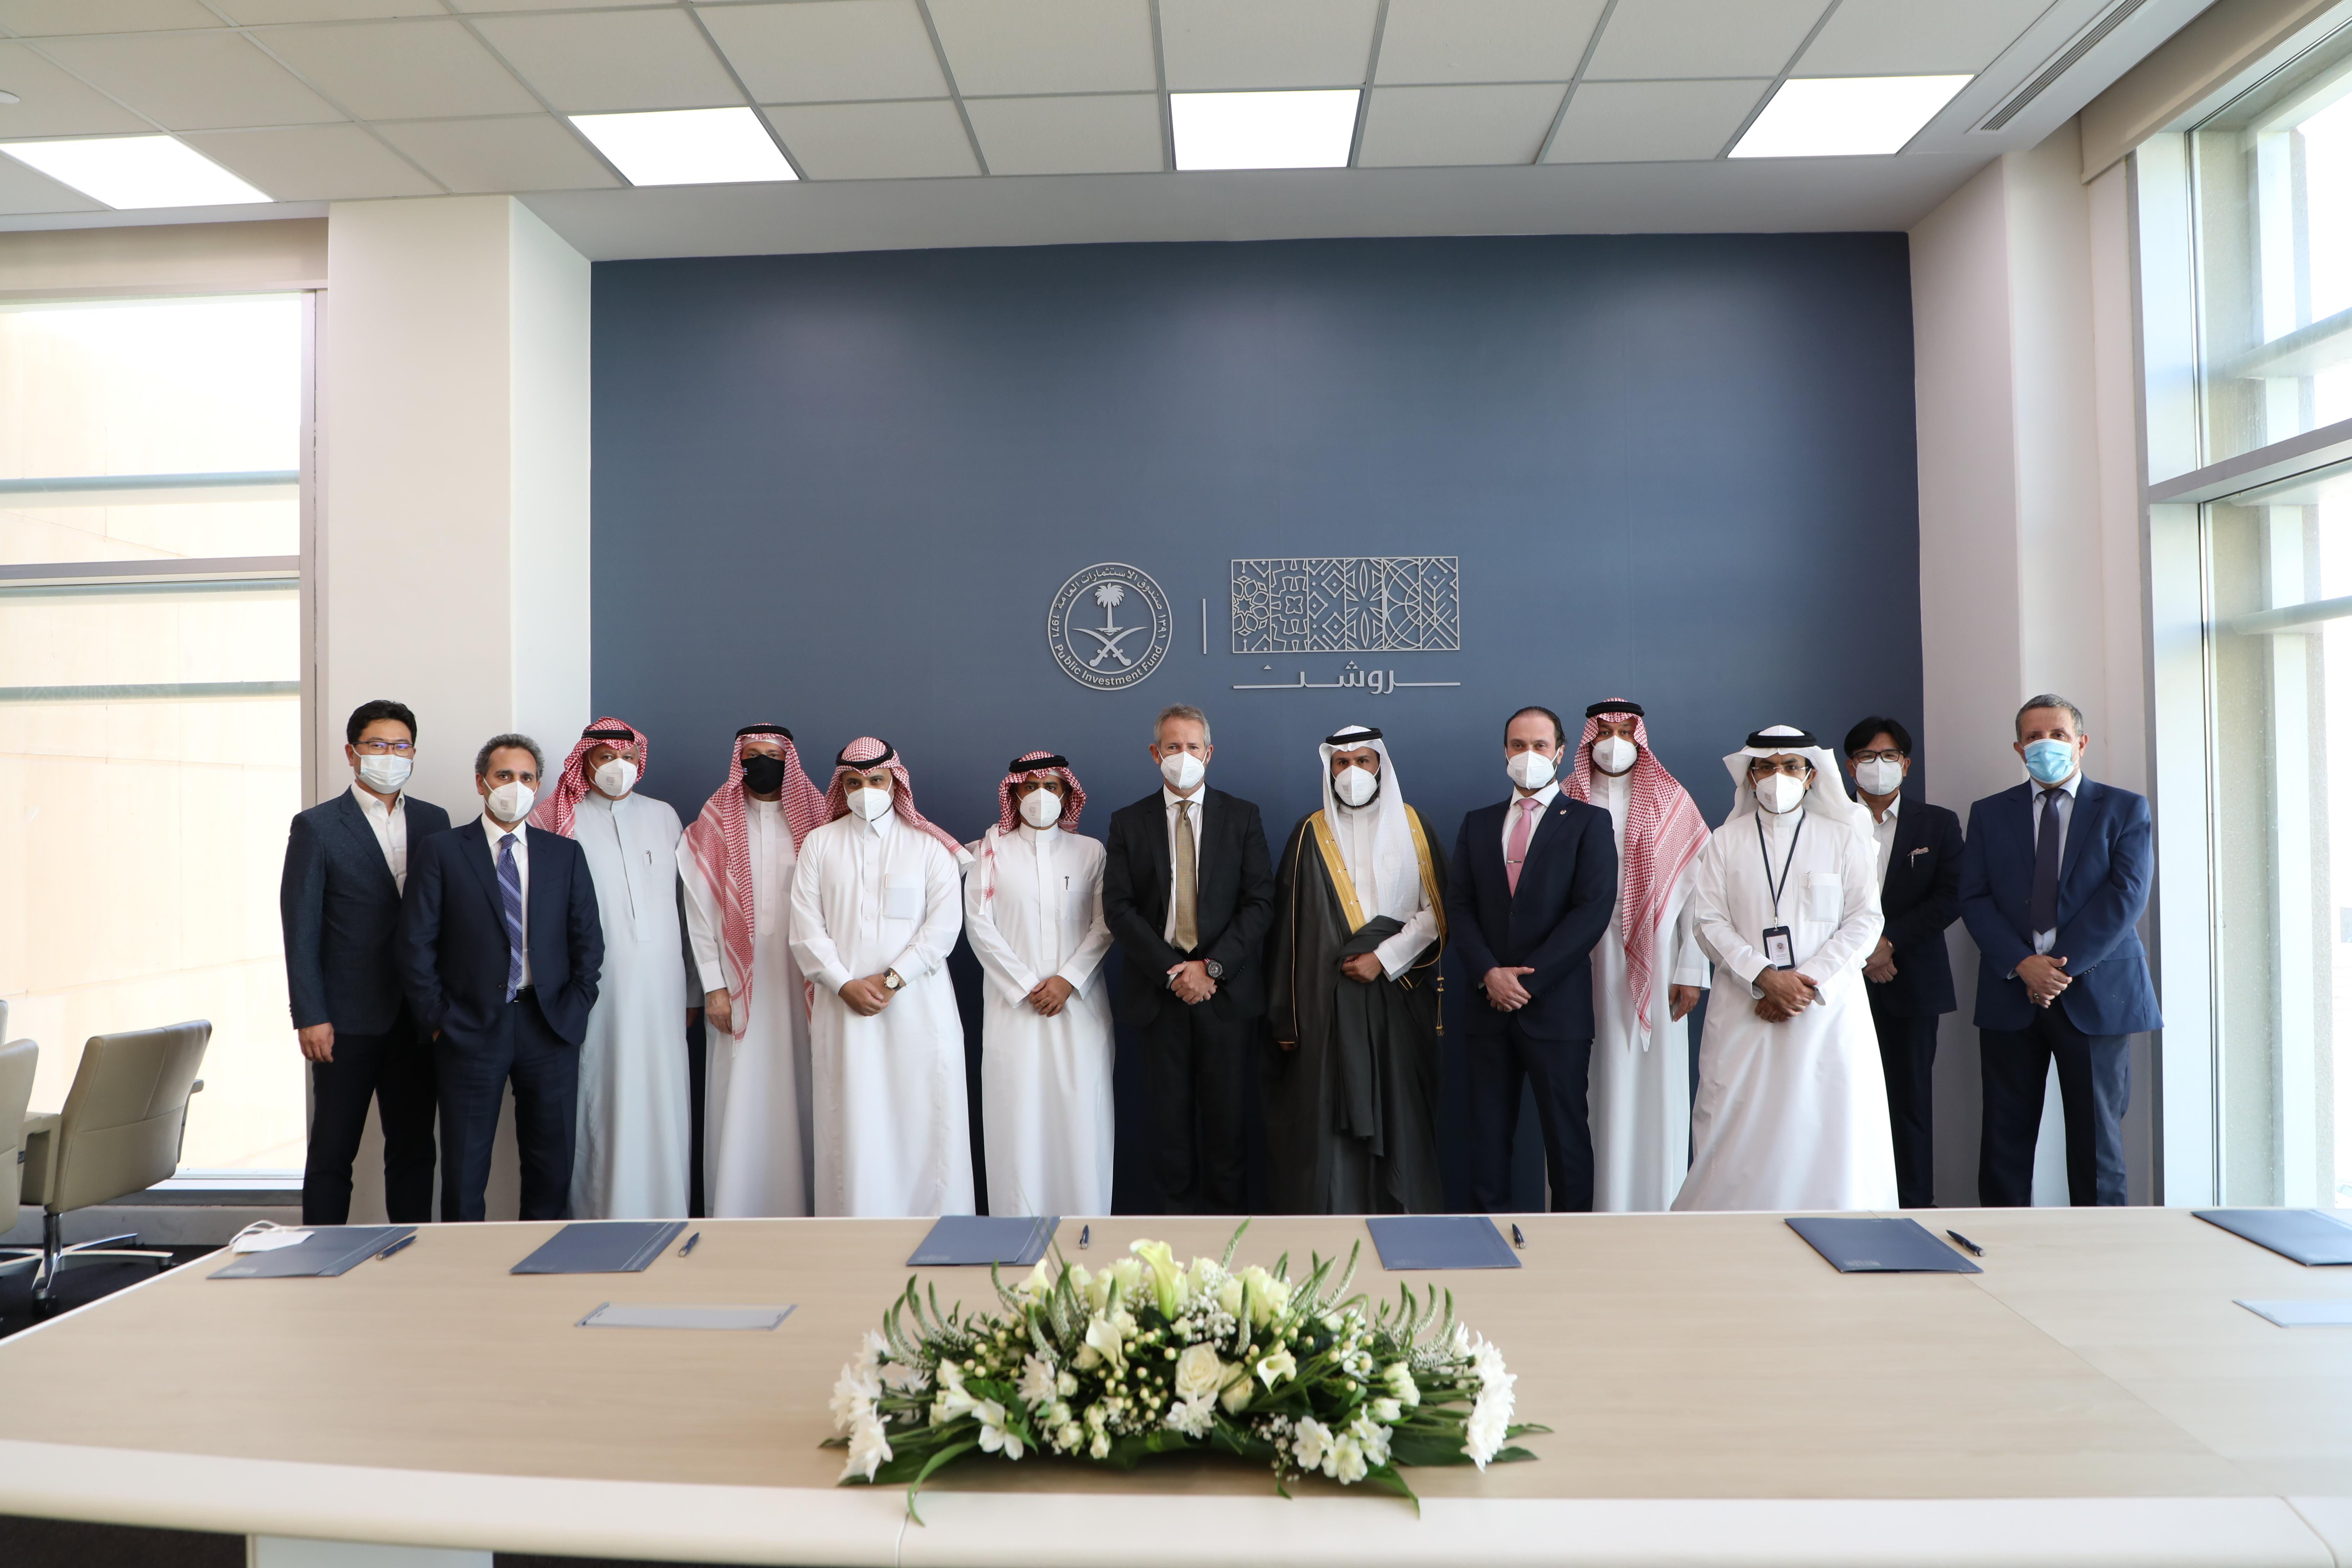 مدراء الشركات التي تم التوقيع معها، يتوسطهم ديفيد جروفر، الرئيس التنفيذي لمجموعة روشن